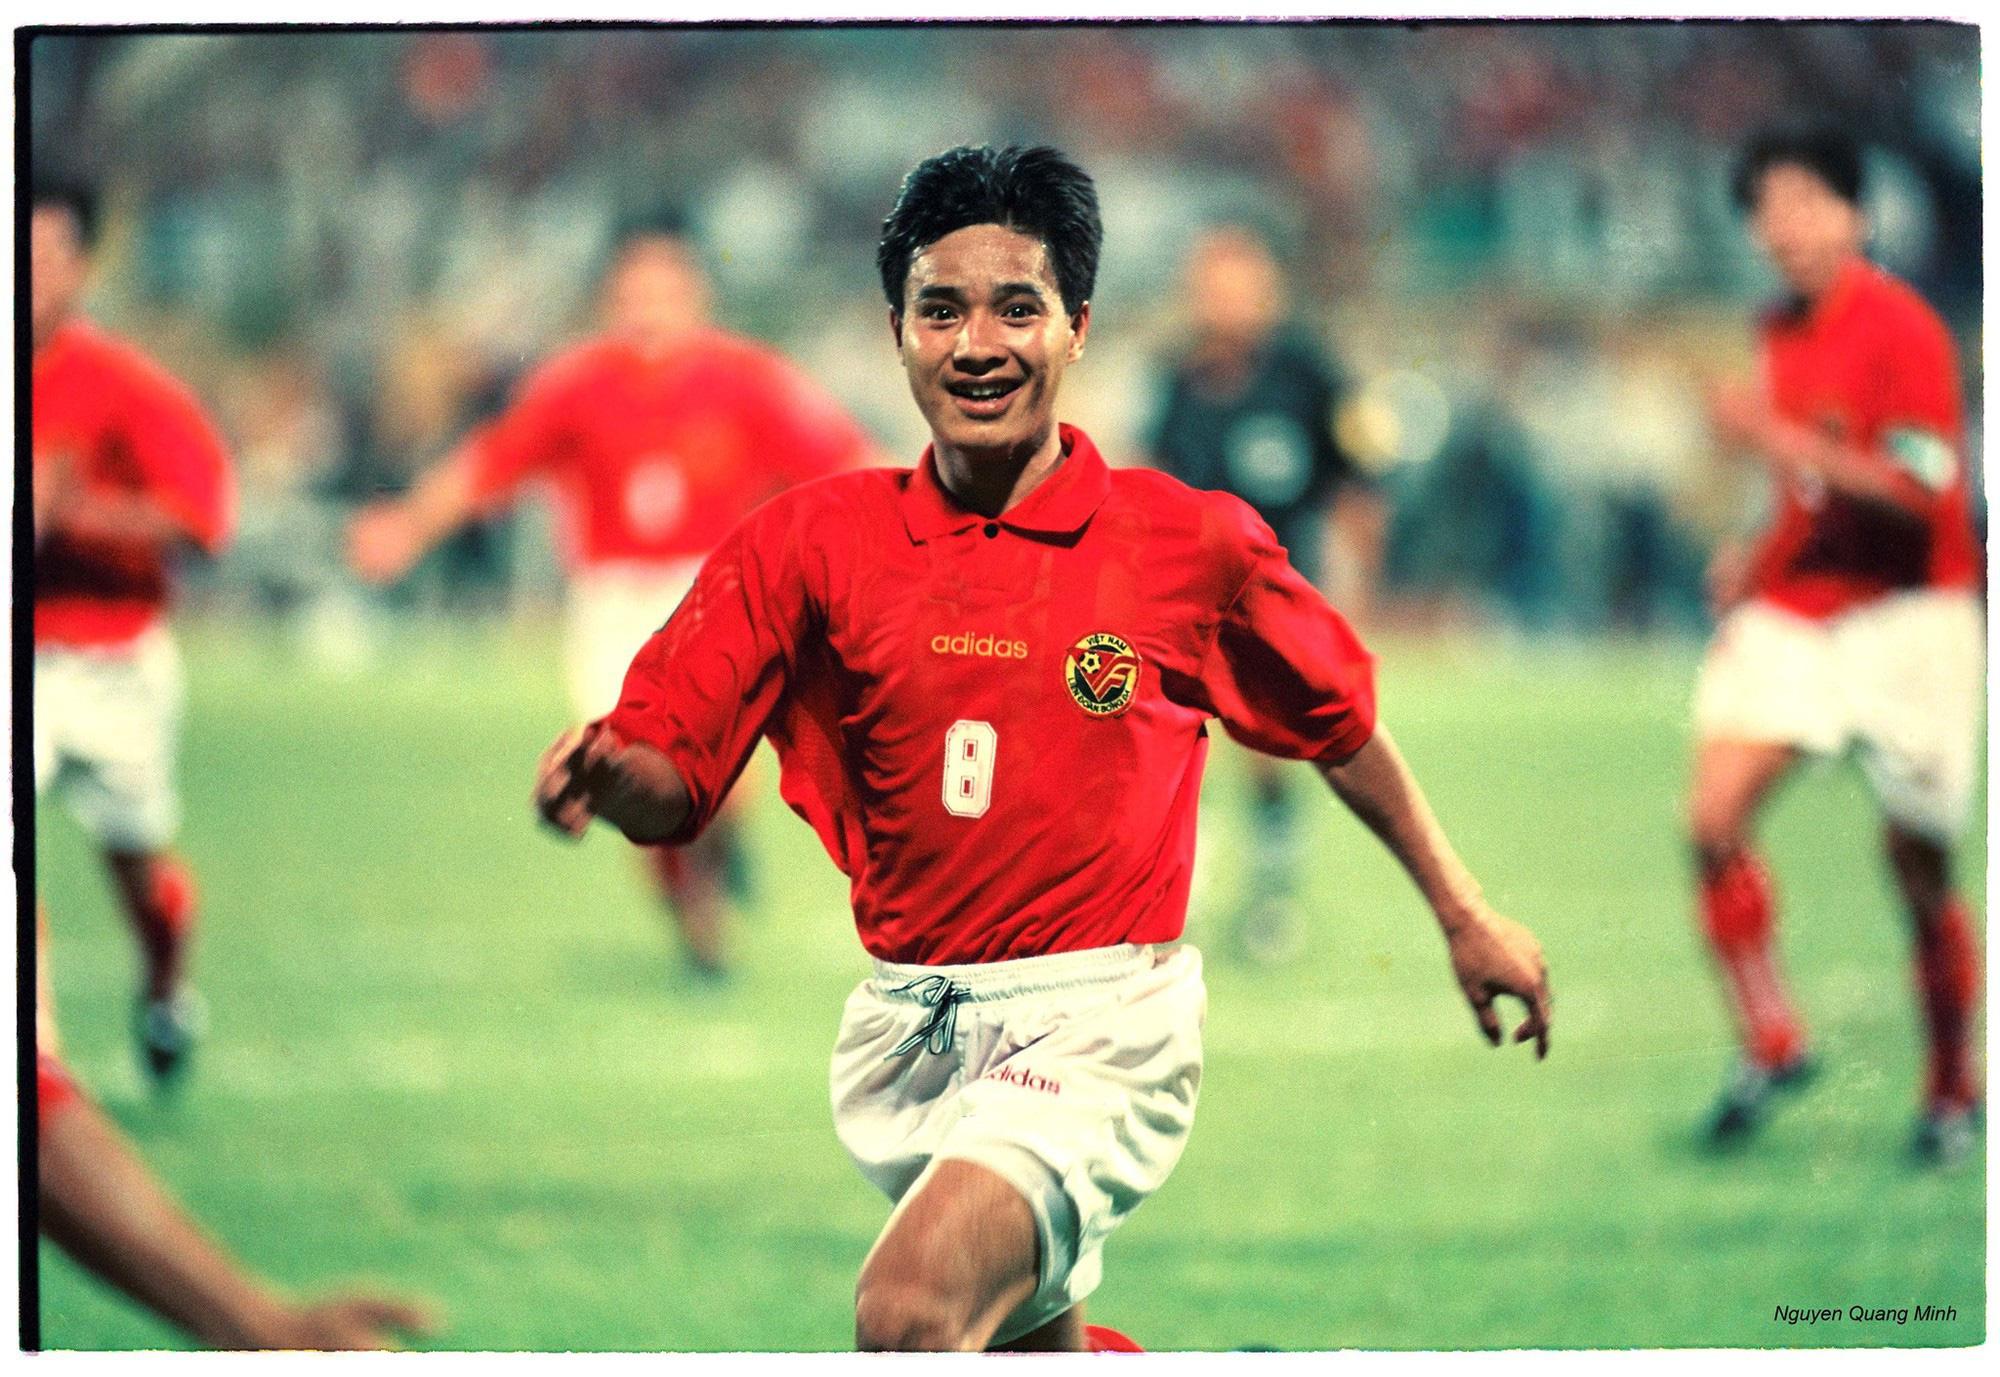 7 tuyển thủ Việt Nam ít anti-fan nhất: Tuấn Anh số 2, đứng đầu là huyền thoại có biệt danh công chúa - Ảnh 1.